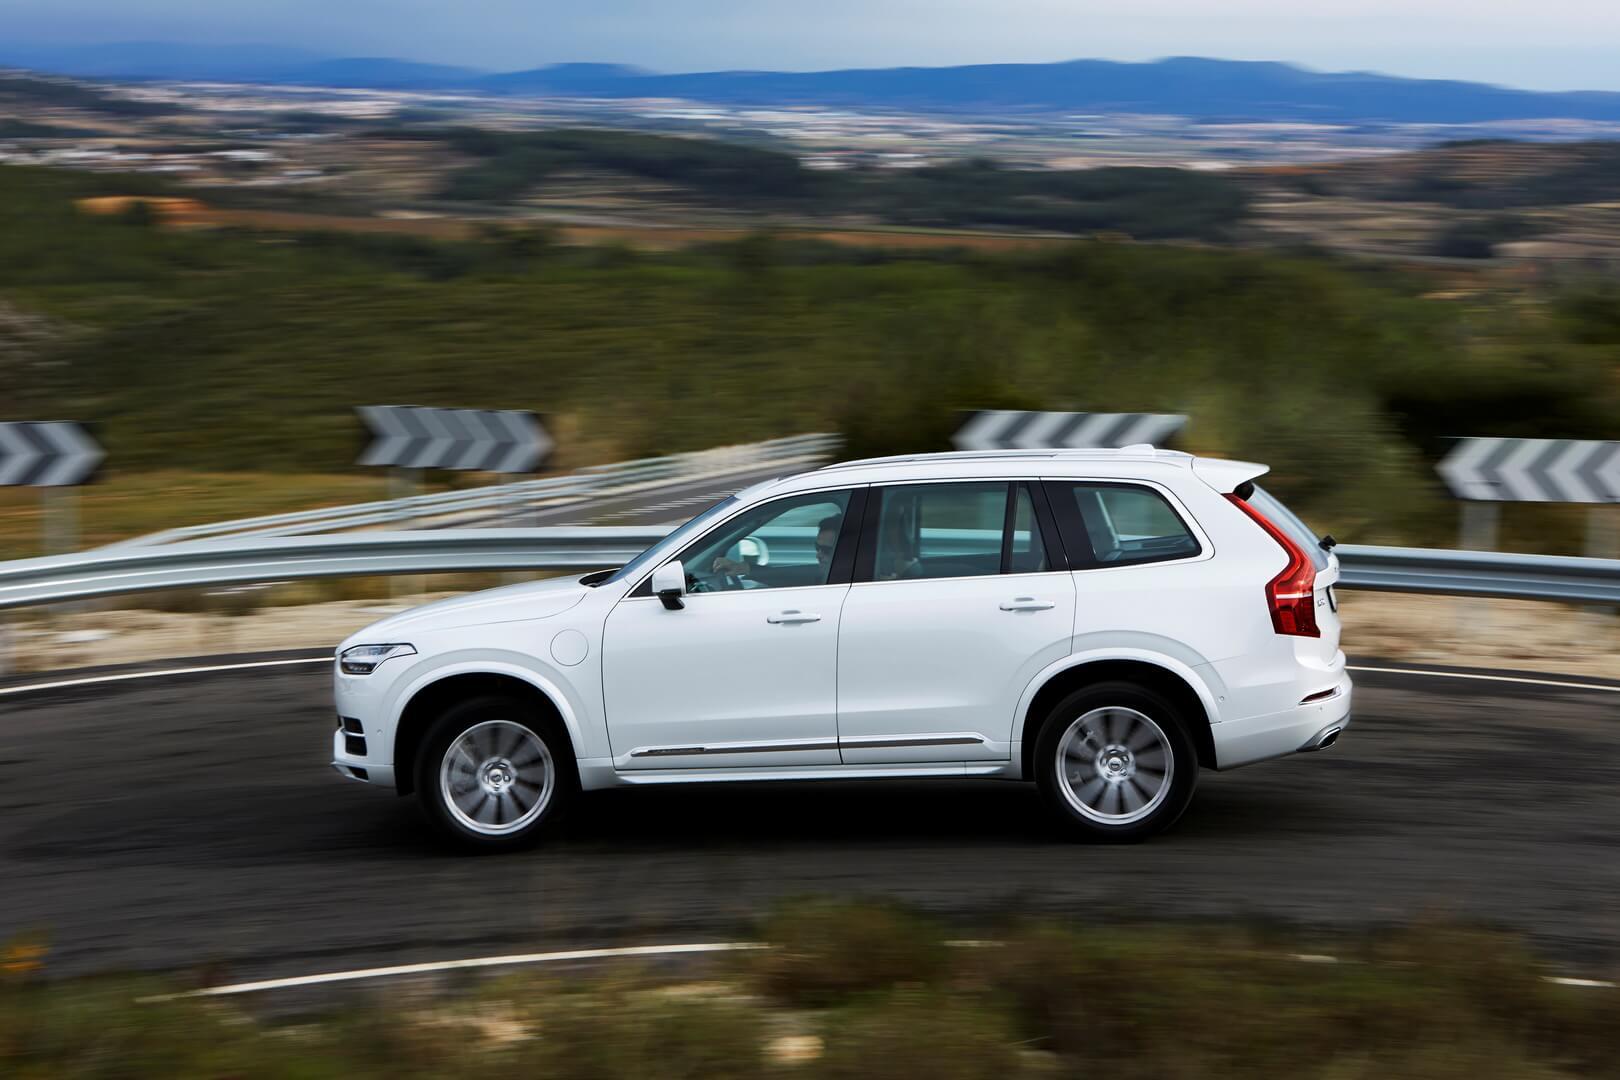 Выпускаемый сейчас плагин-гибрид Volvo XC90